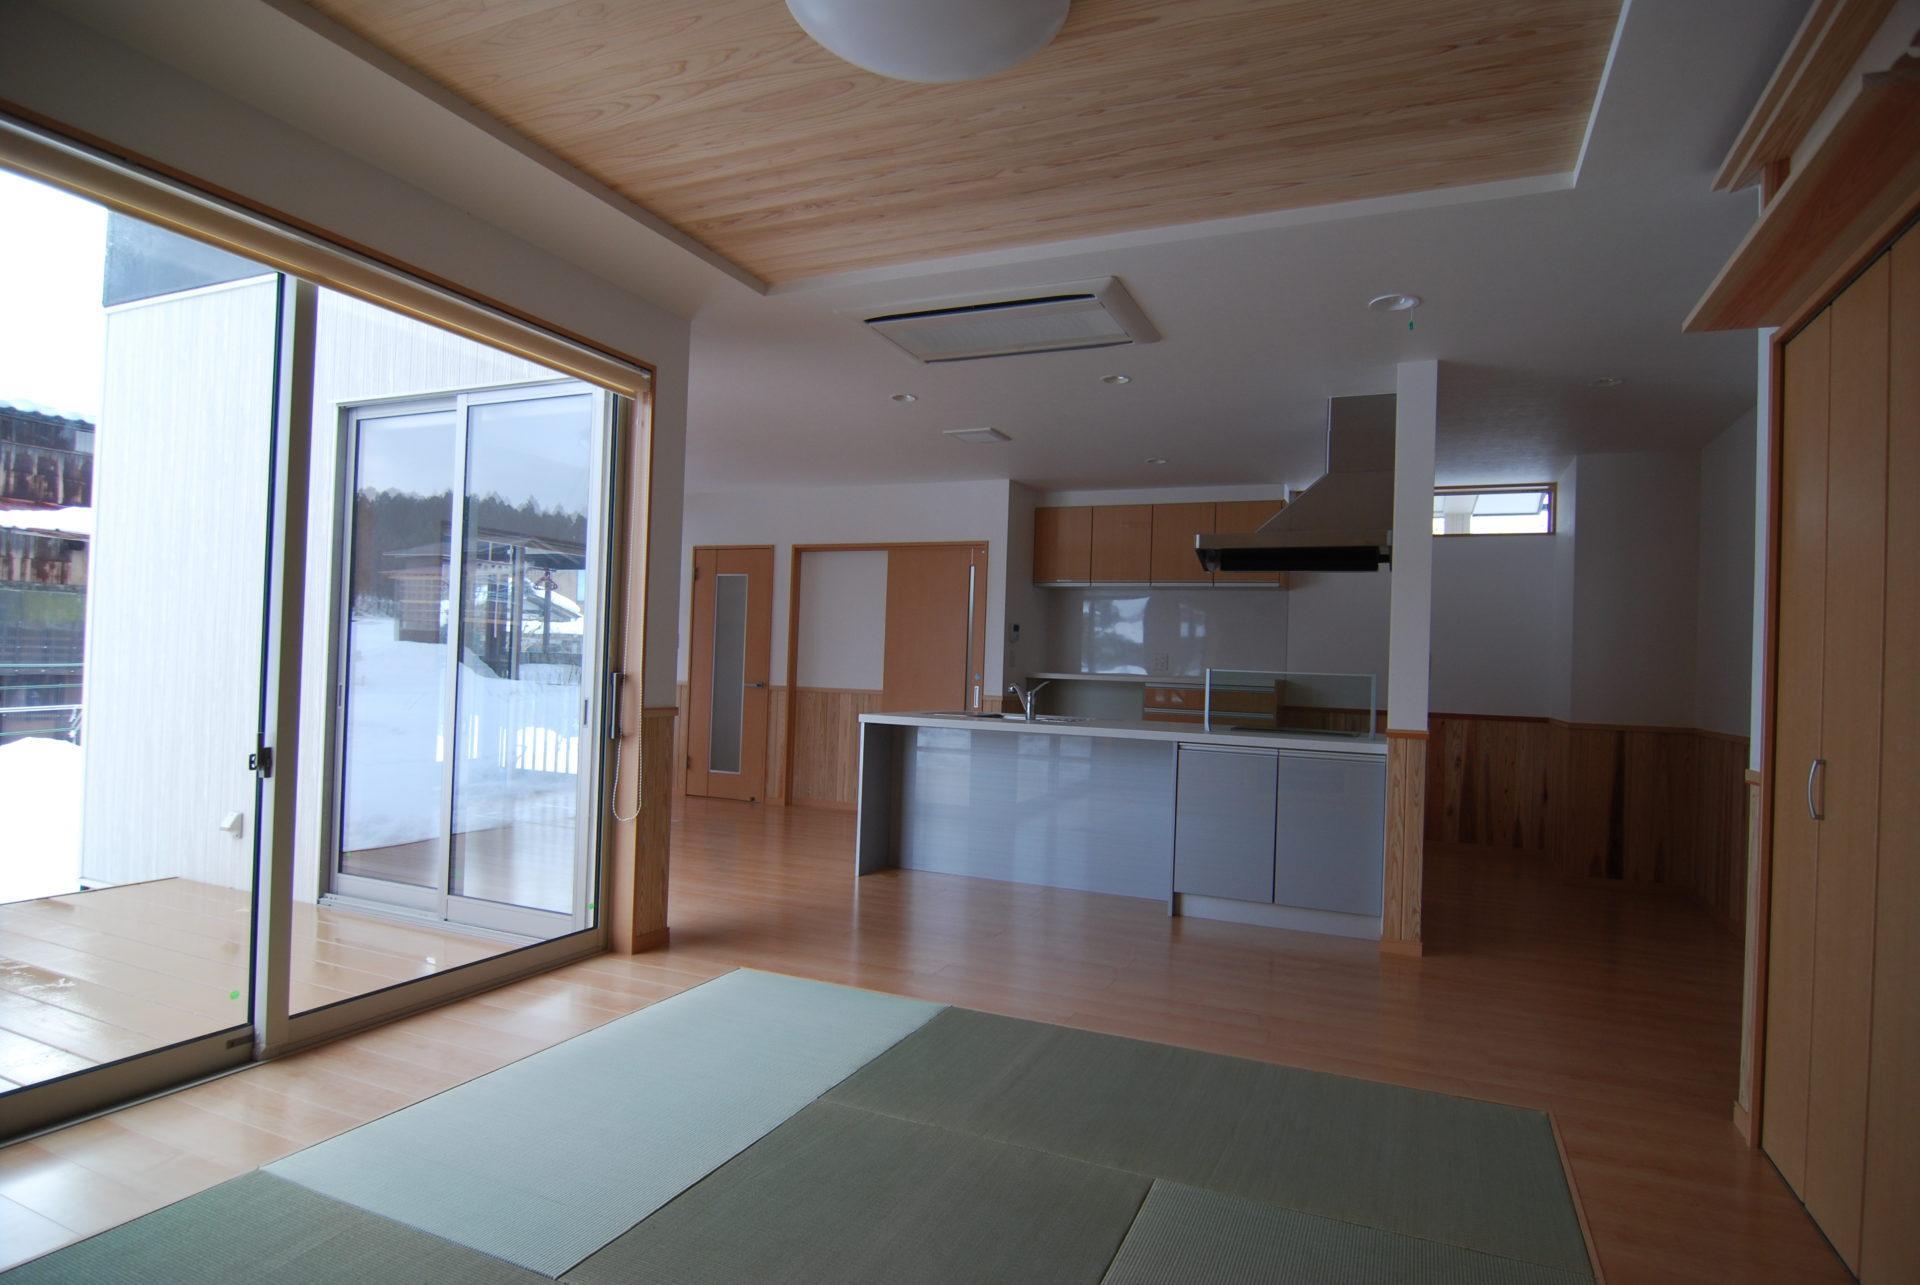 有限会社 市川建築店 1級建築士事務所「三条市 H様邸」のシンプル・ナチュラル・和風・和モダンなリビング・ダイニングの実例写真